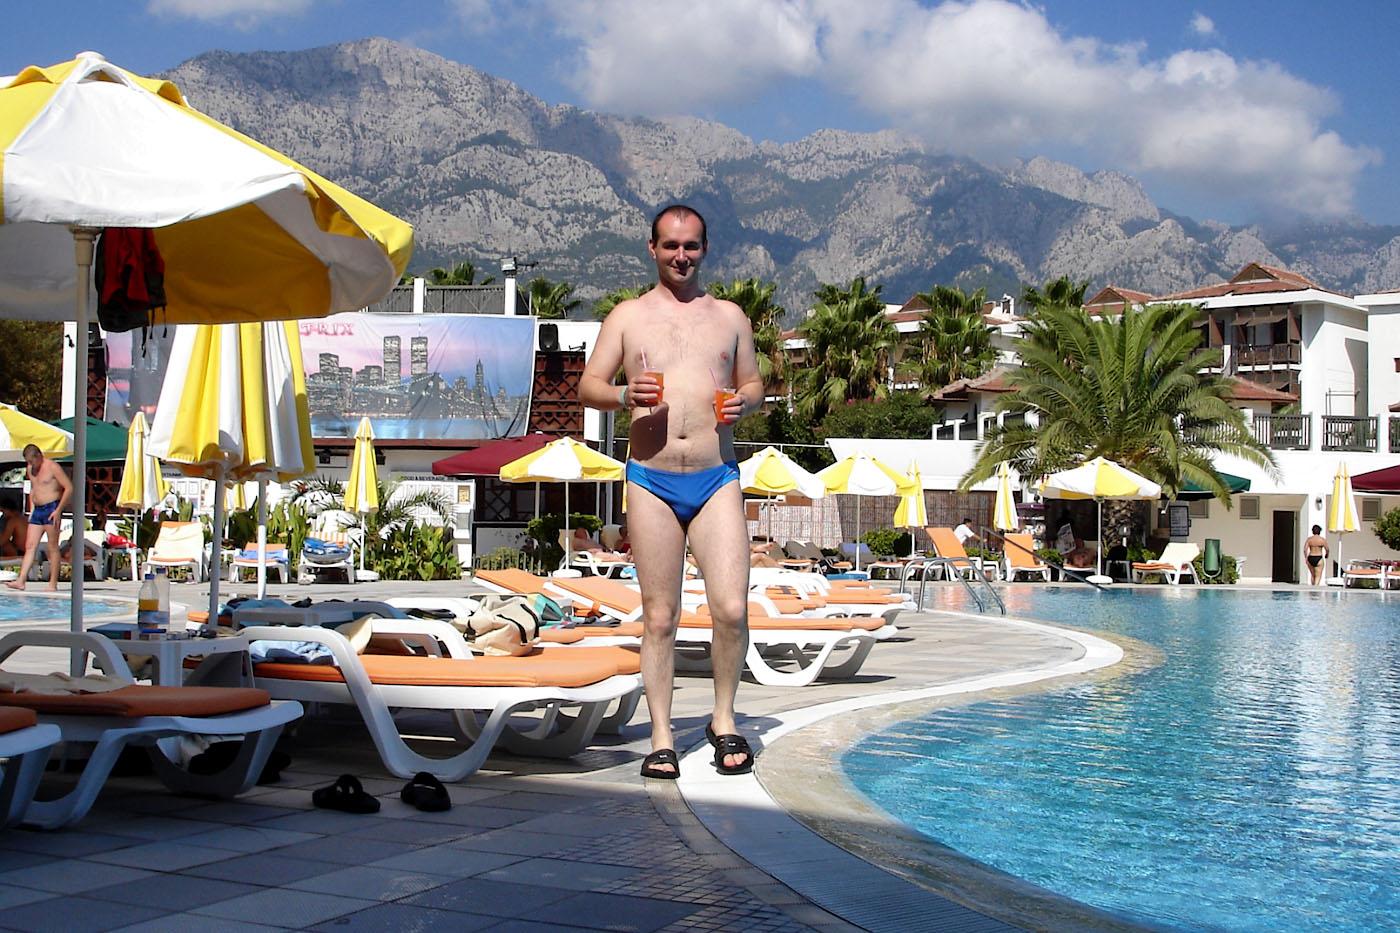 Фото 2. Так проходит отдых типичного туриста из России, когда он приезжает в Кемер. Снято на мыльницу Sony Cyber-shot DSC-W15 в сентябре 2007 года.